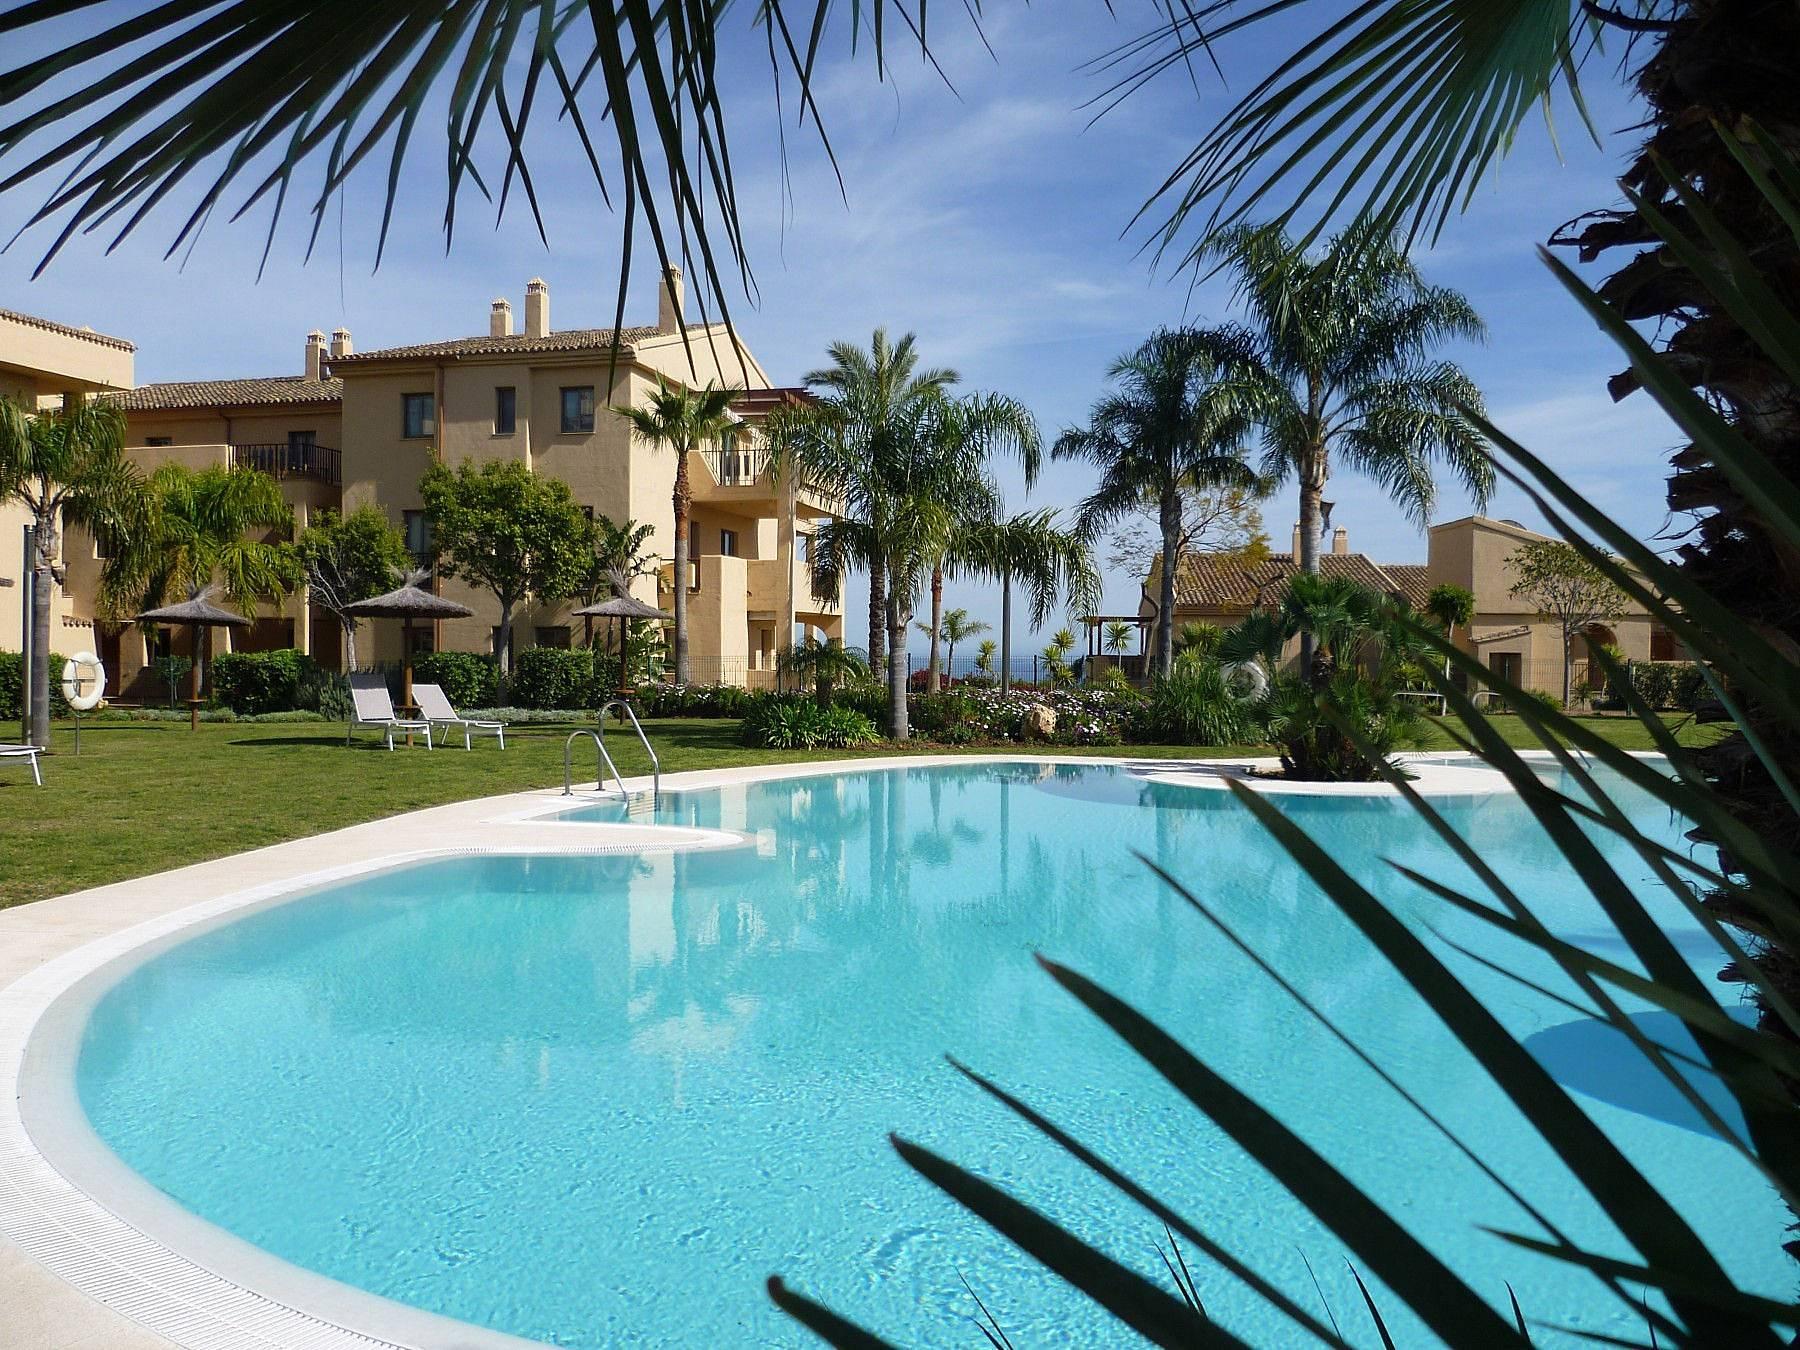 Apartamento en alquiler en estepona cortes estepona m laga costa del sol - Alquiler apartamentos en estepona ...